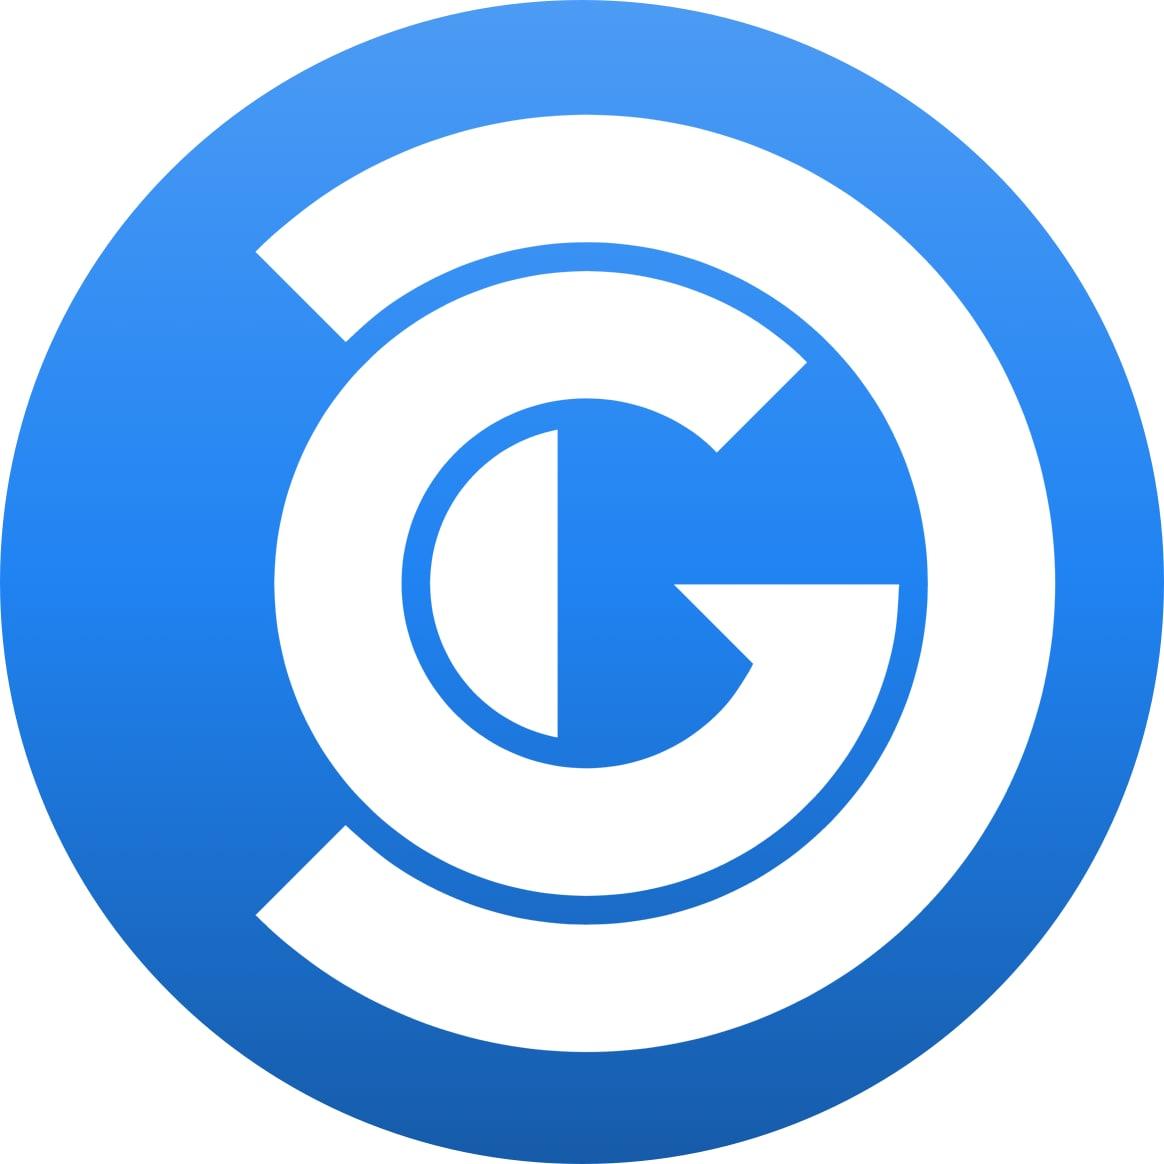 $DG logo